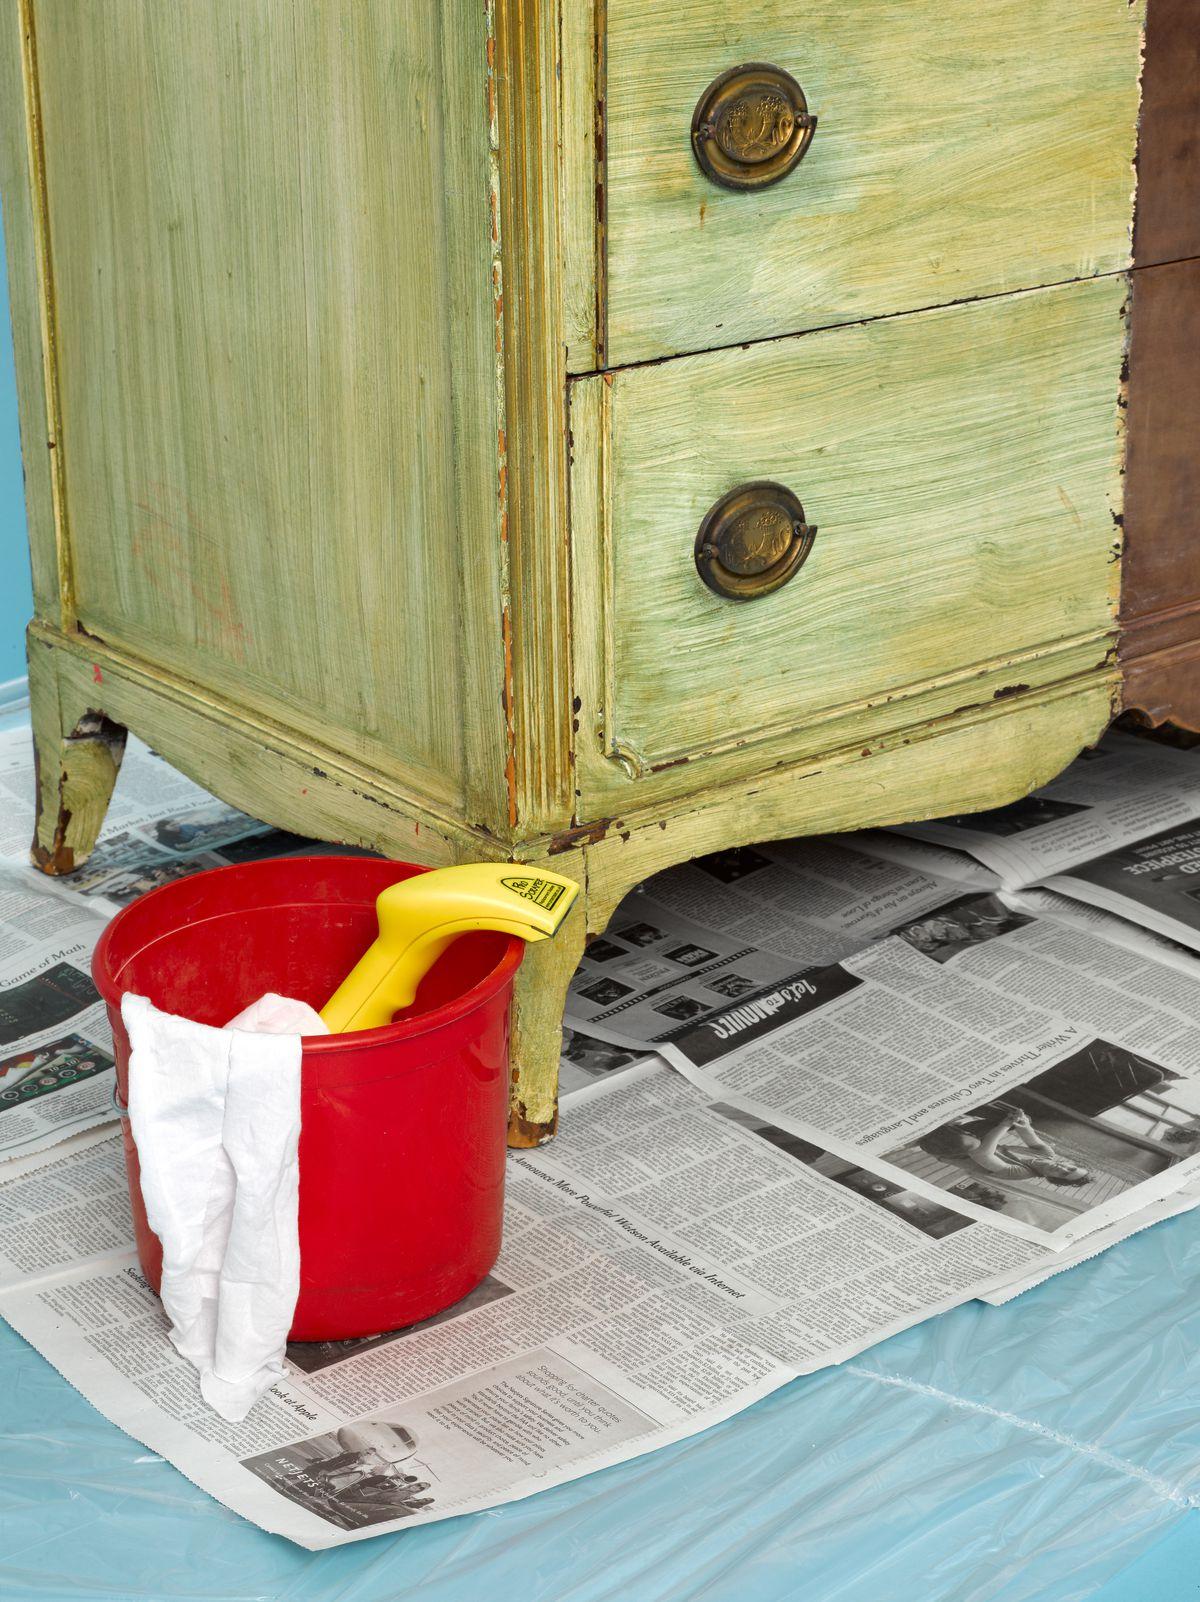 Cubo de herramientas listo para pelar pintura en interiores.